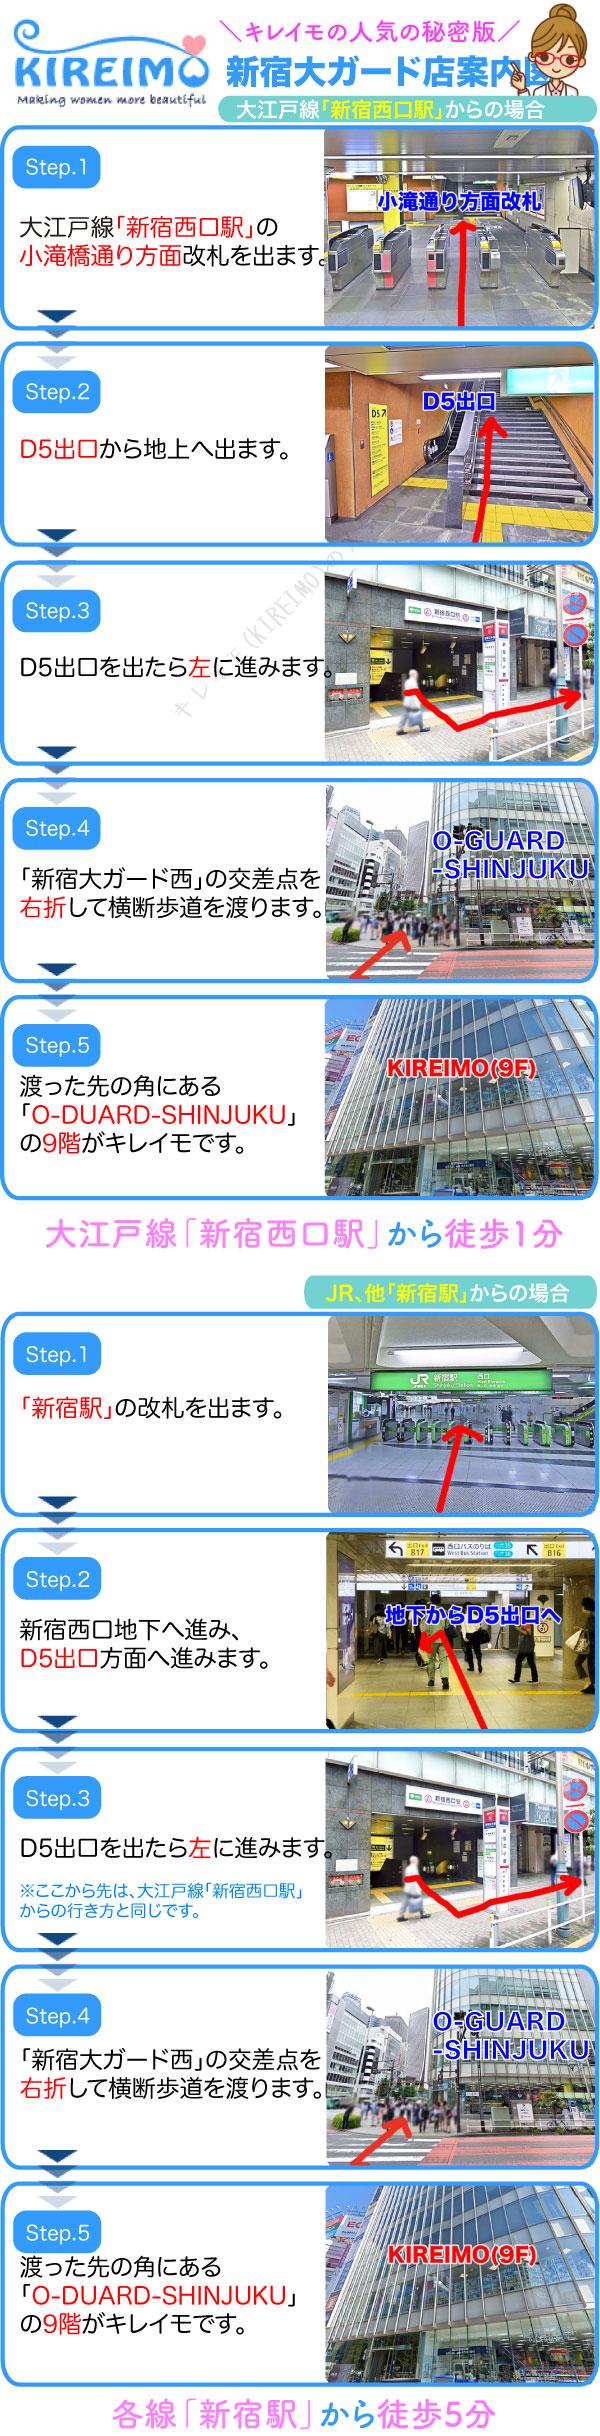 キレイモ新宿大ガードまでの行き方